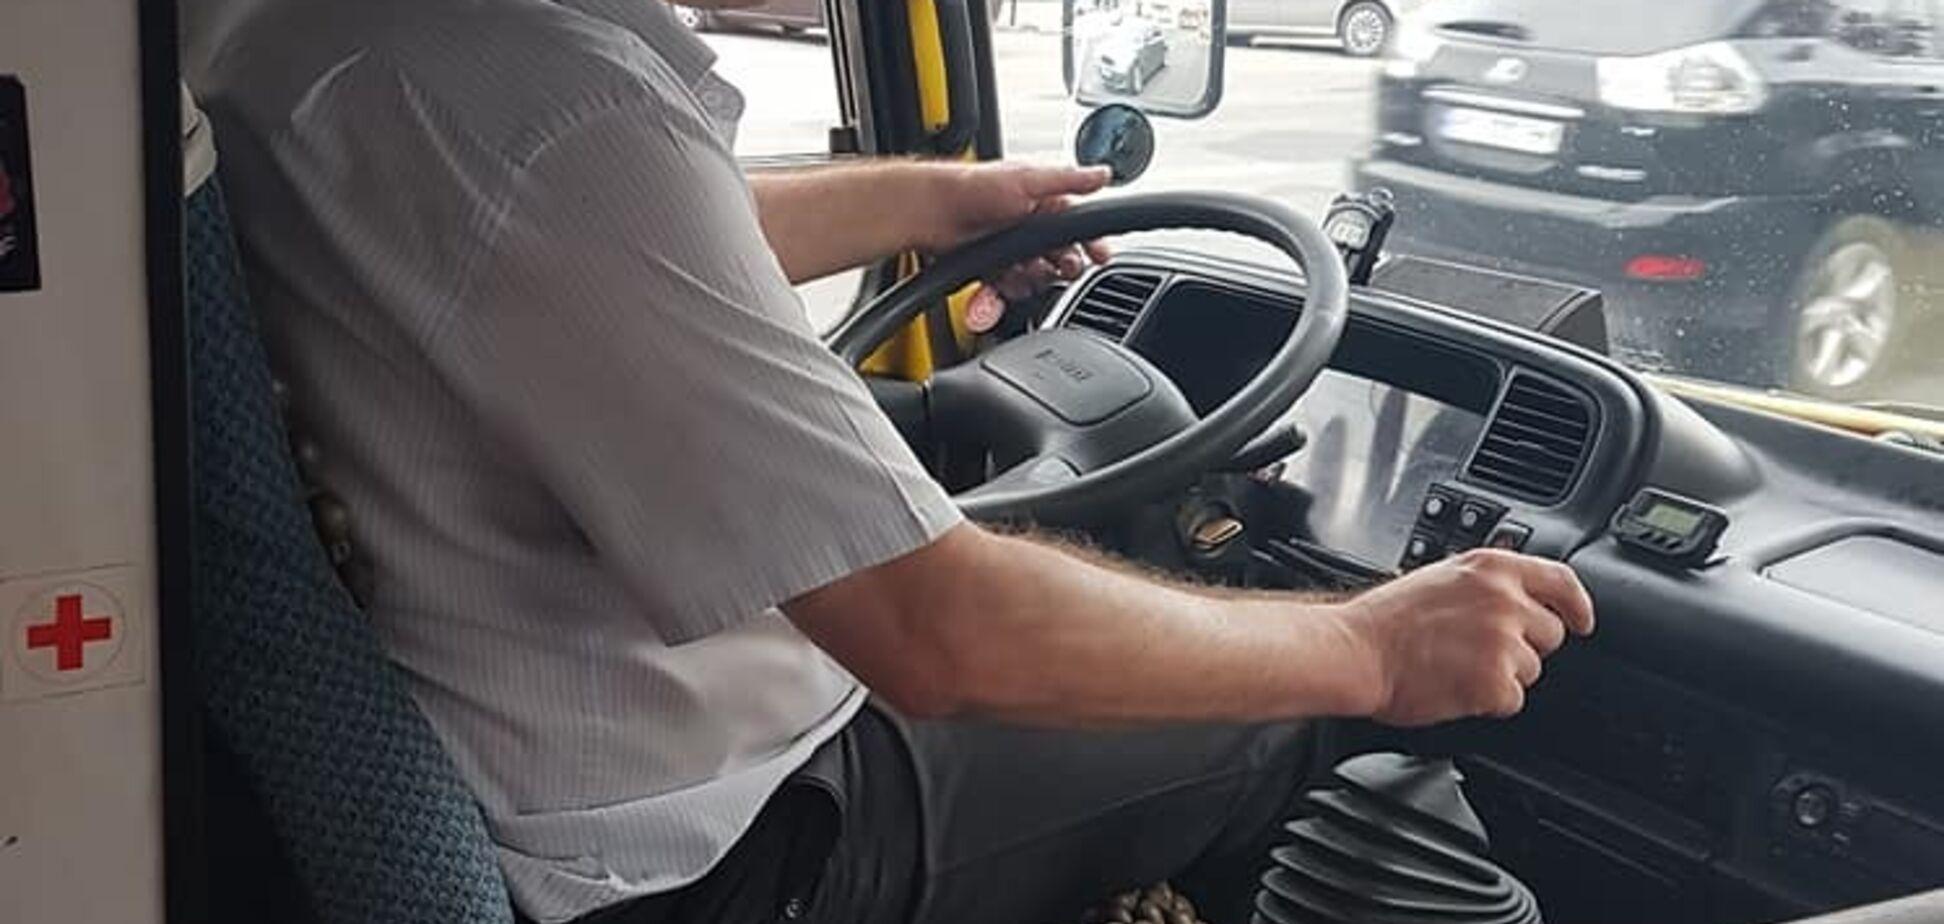 'Закройте морды': в Тернополе разгорелся скандал с водителем-хамом